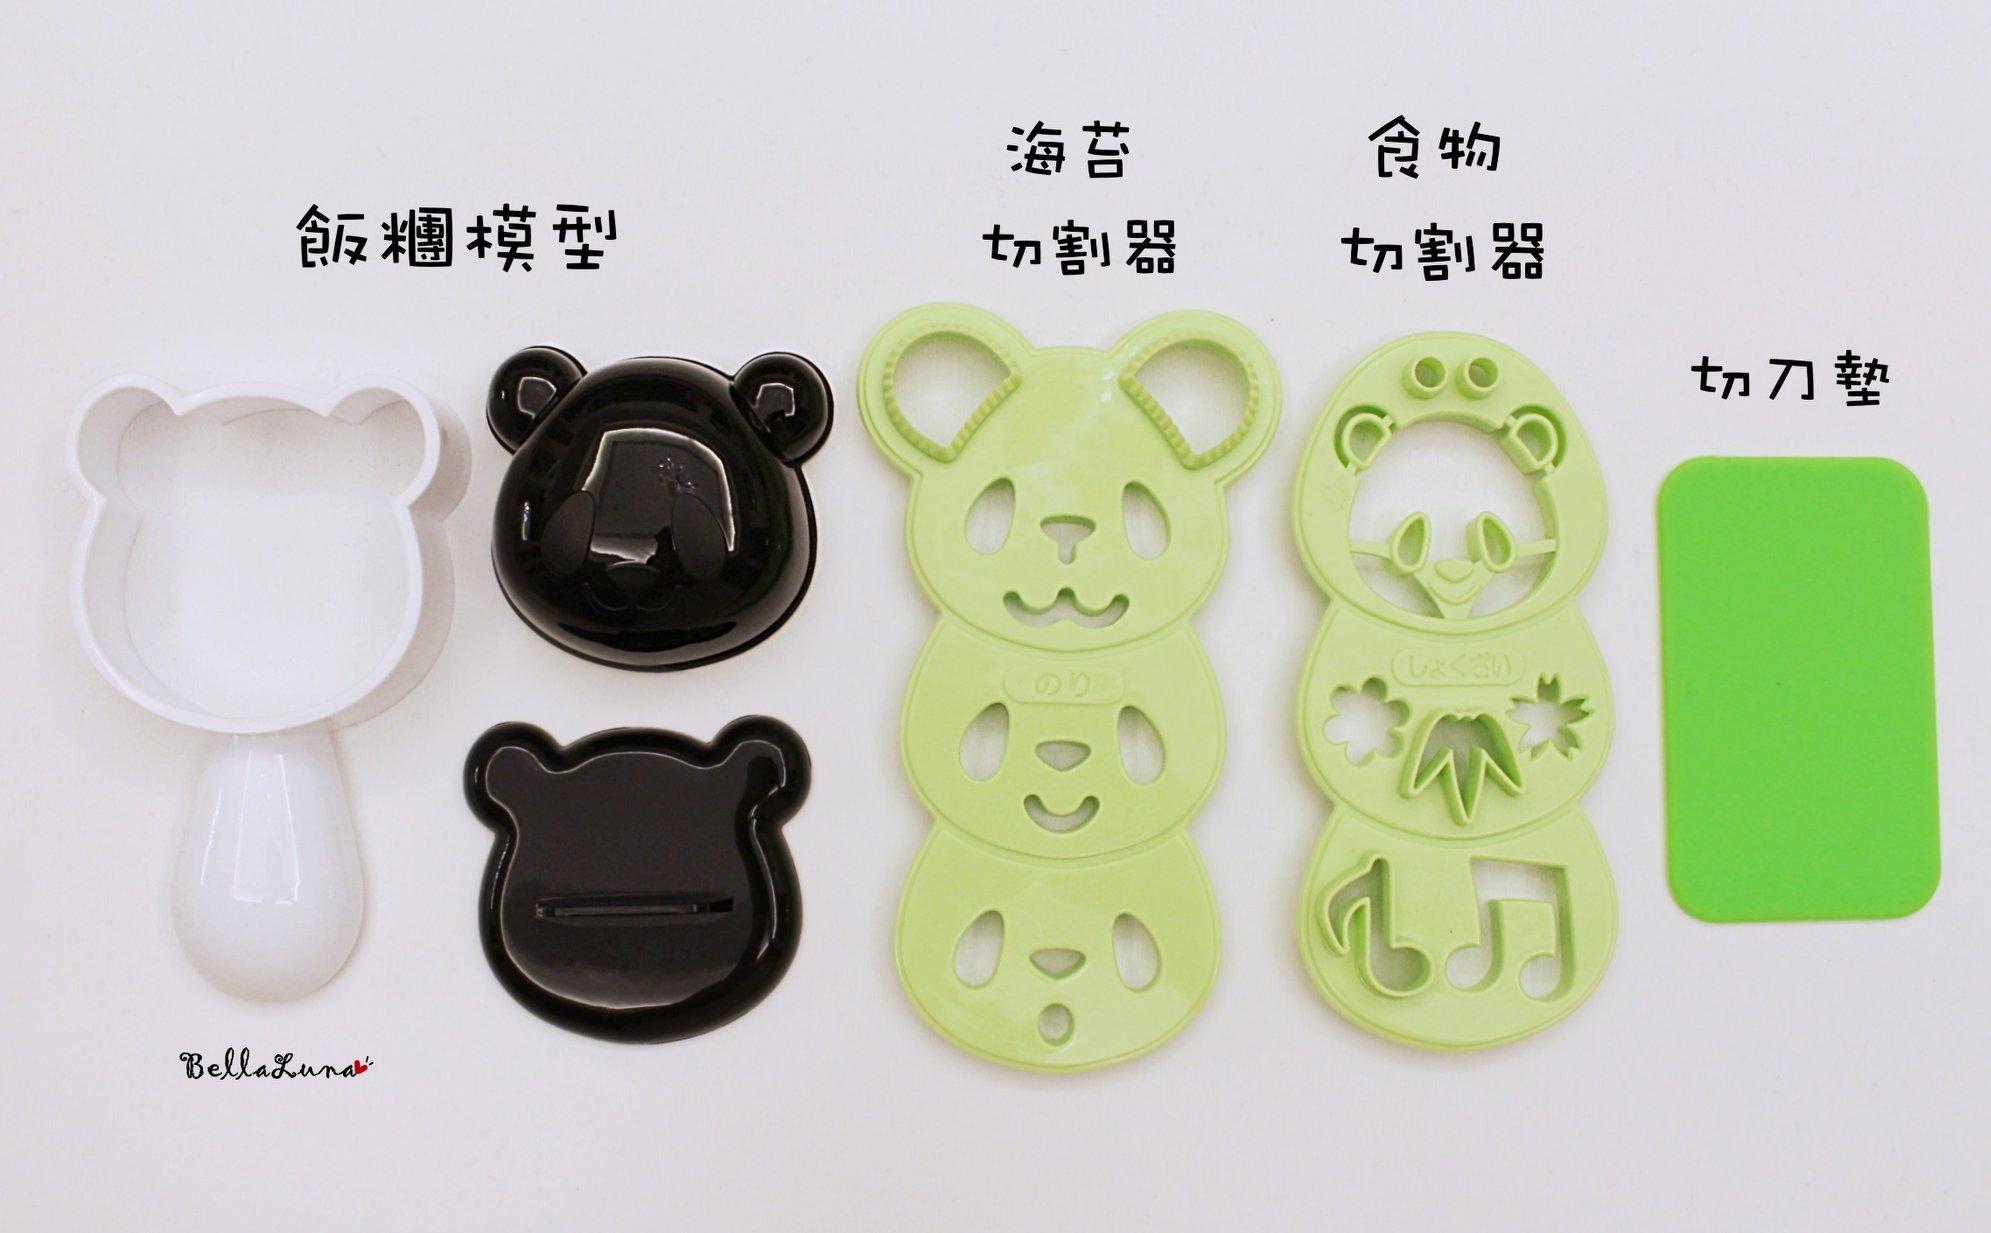 熊貓便當 4.jpg